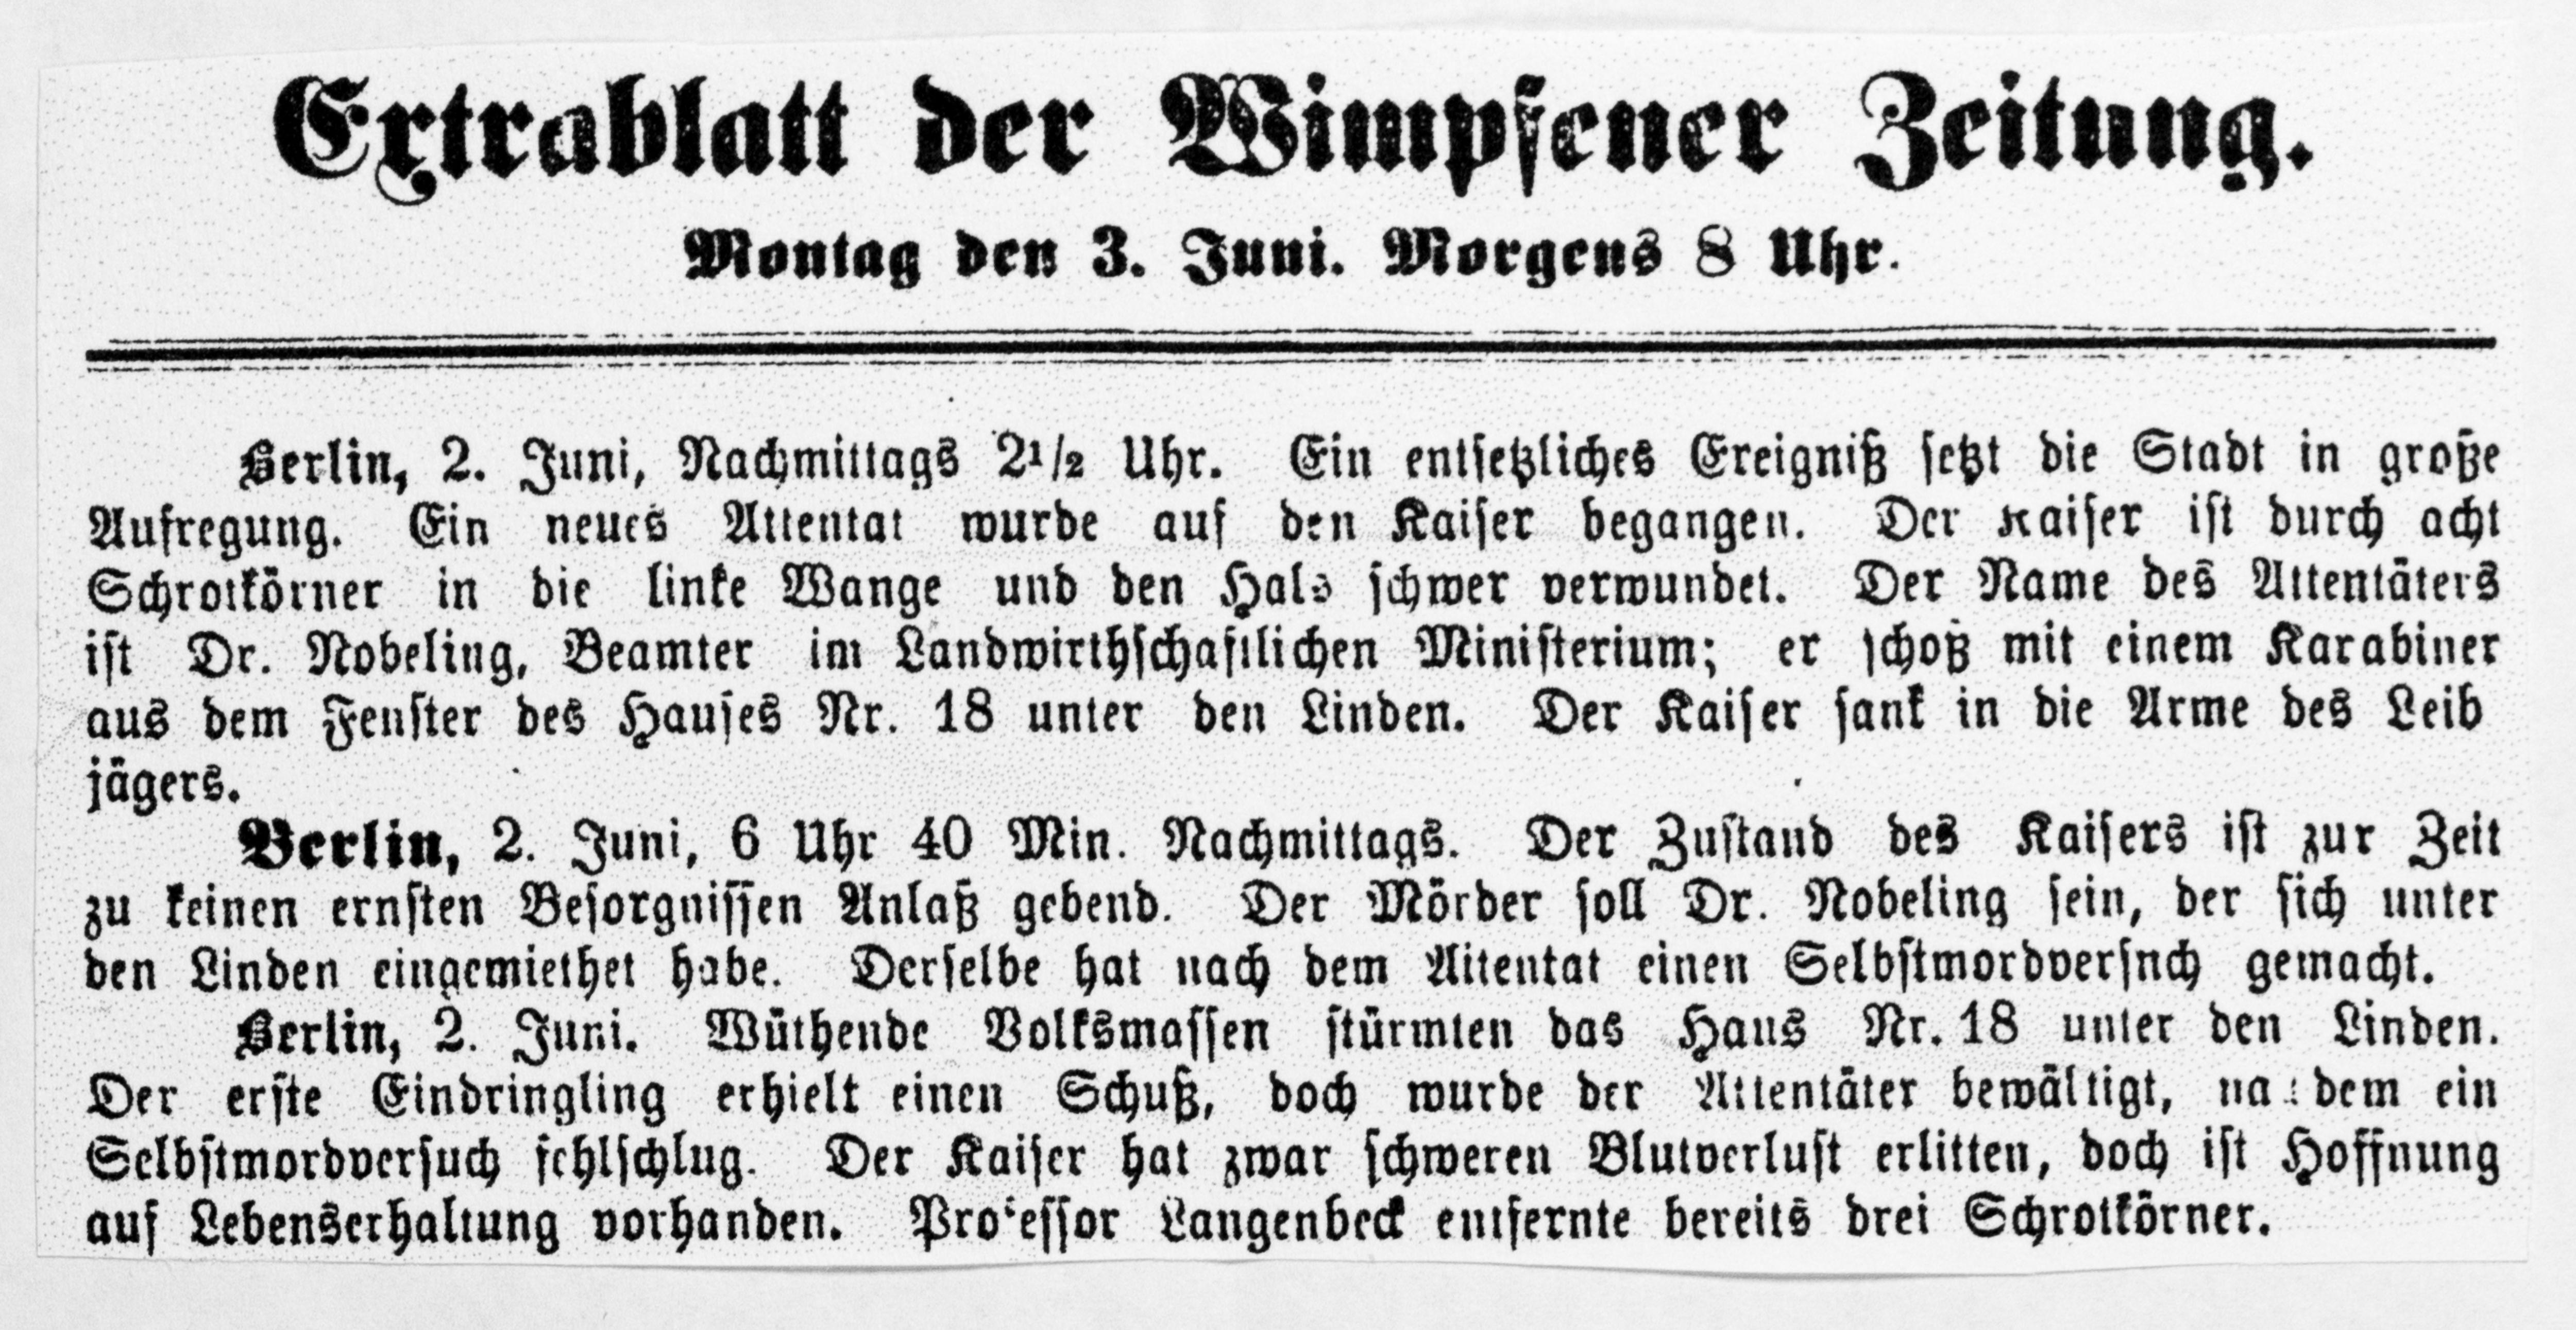 Großzügig Geschichte Berg Vorlage Ks2 Bilder - Entry Level Resume ...